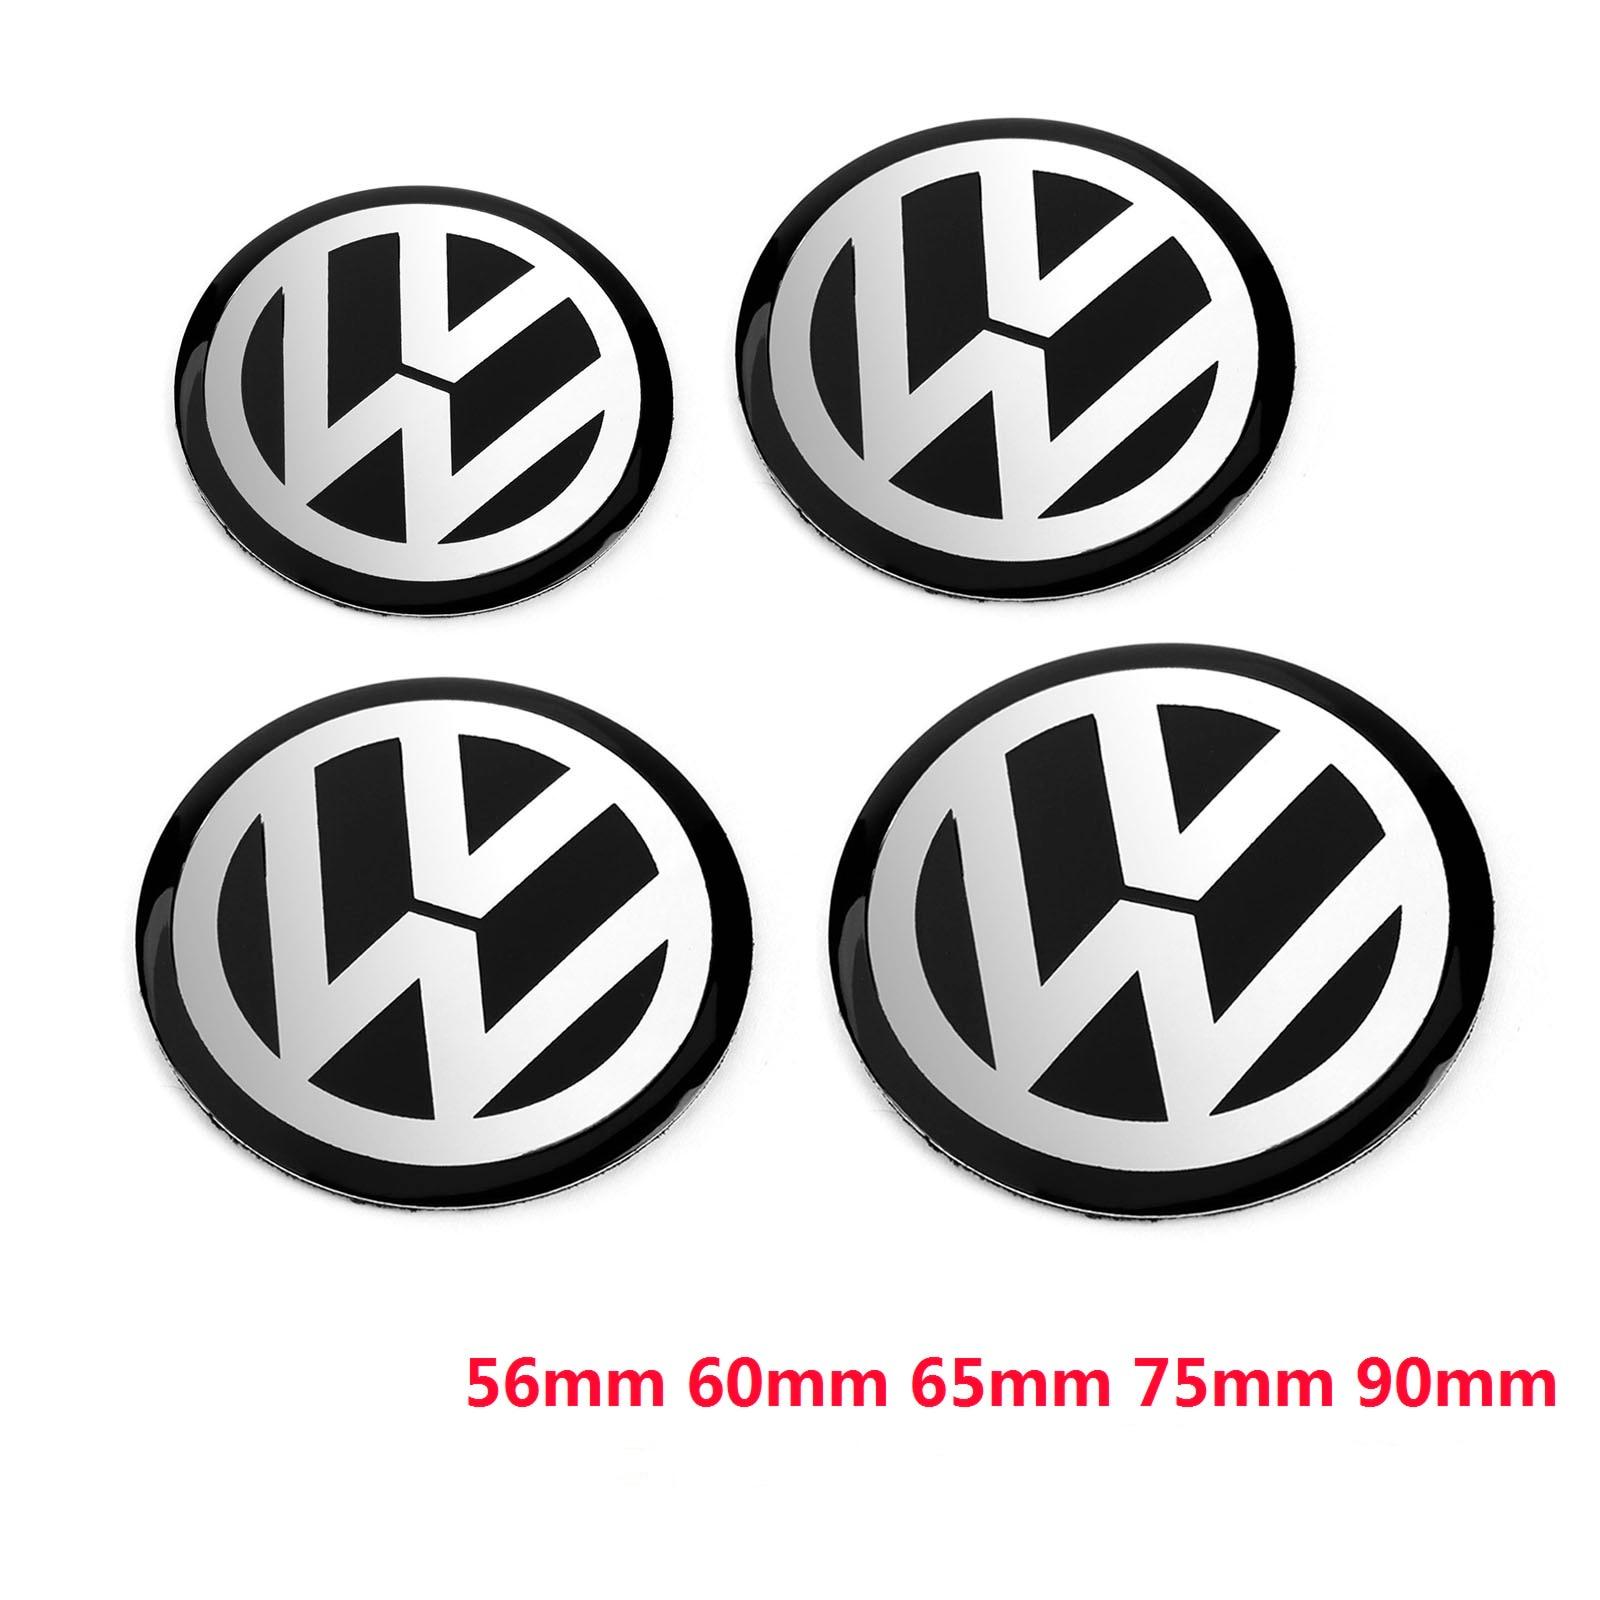 Autocollant de roue de style pour VW | 4 pièces 56mm 60mm 65mm 75mm 90mm, noir, capuchon de moyeu central, Badge Logo, emblème, autocollant de roue